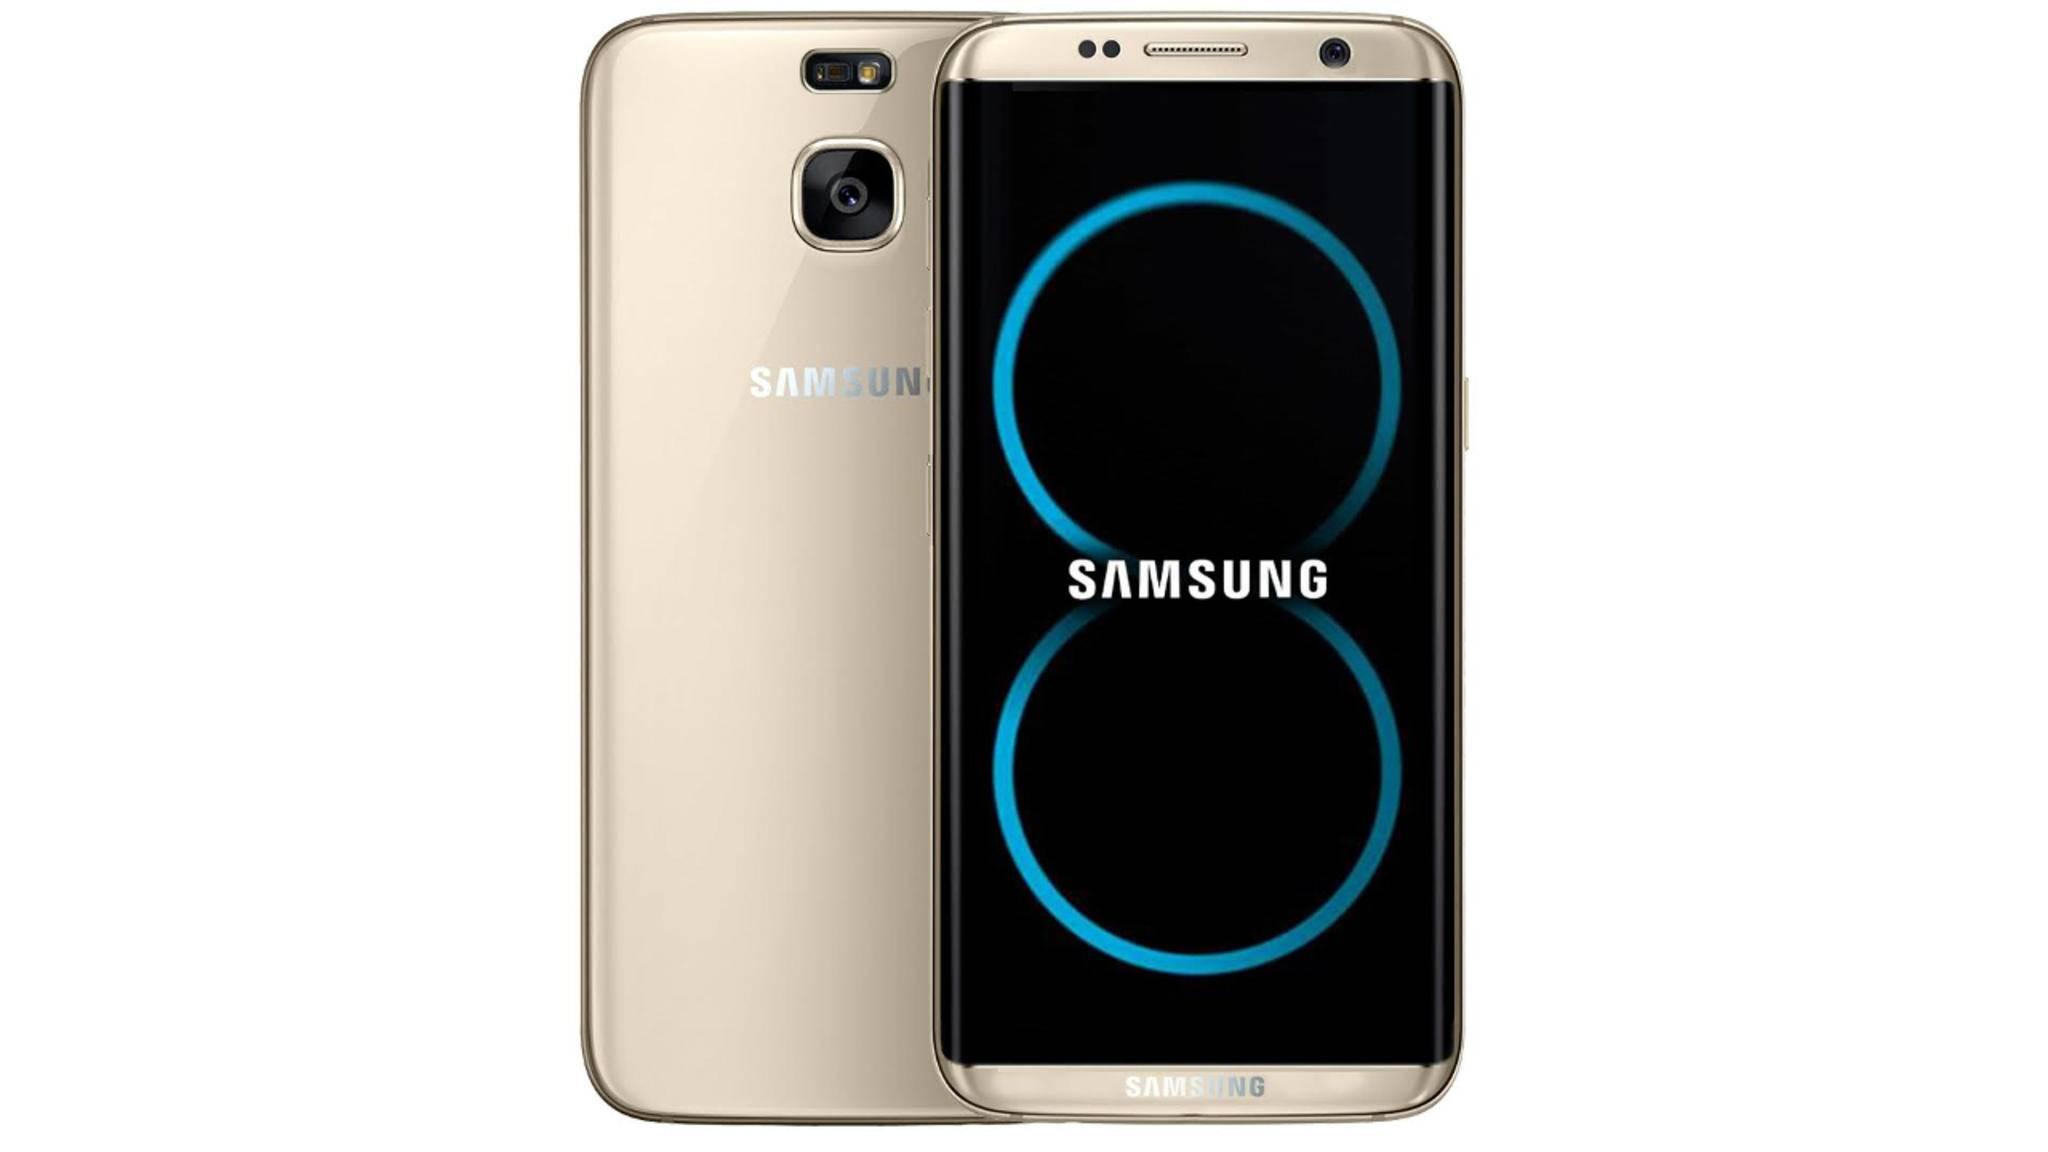 Wird die Selfie-Kamera des Galaxy S8 über einen Autofokus verfügen?